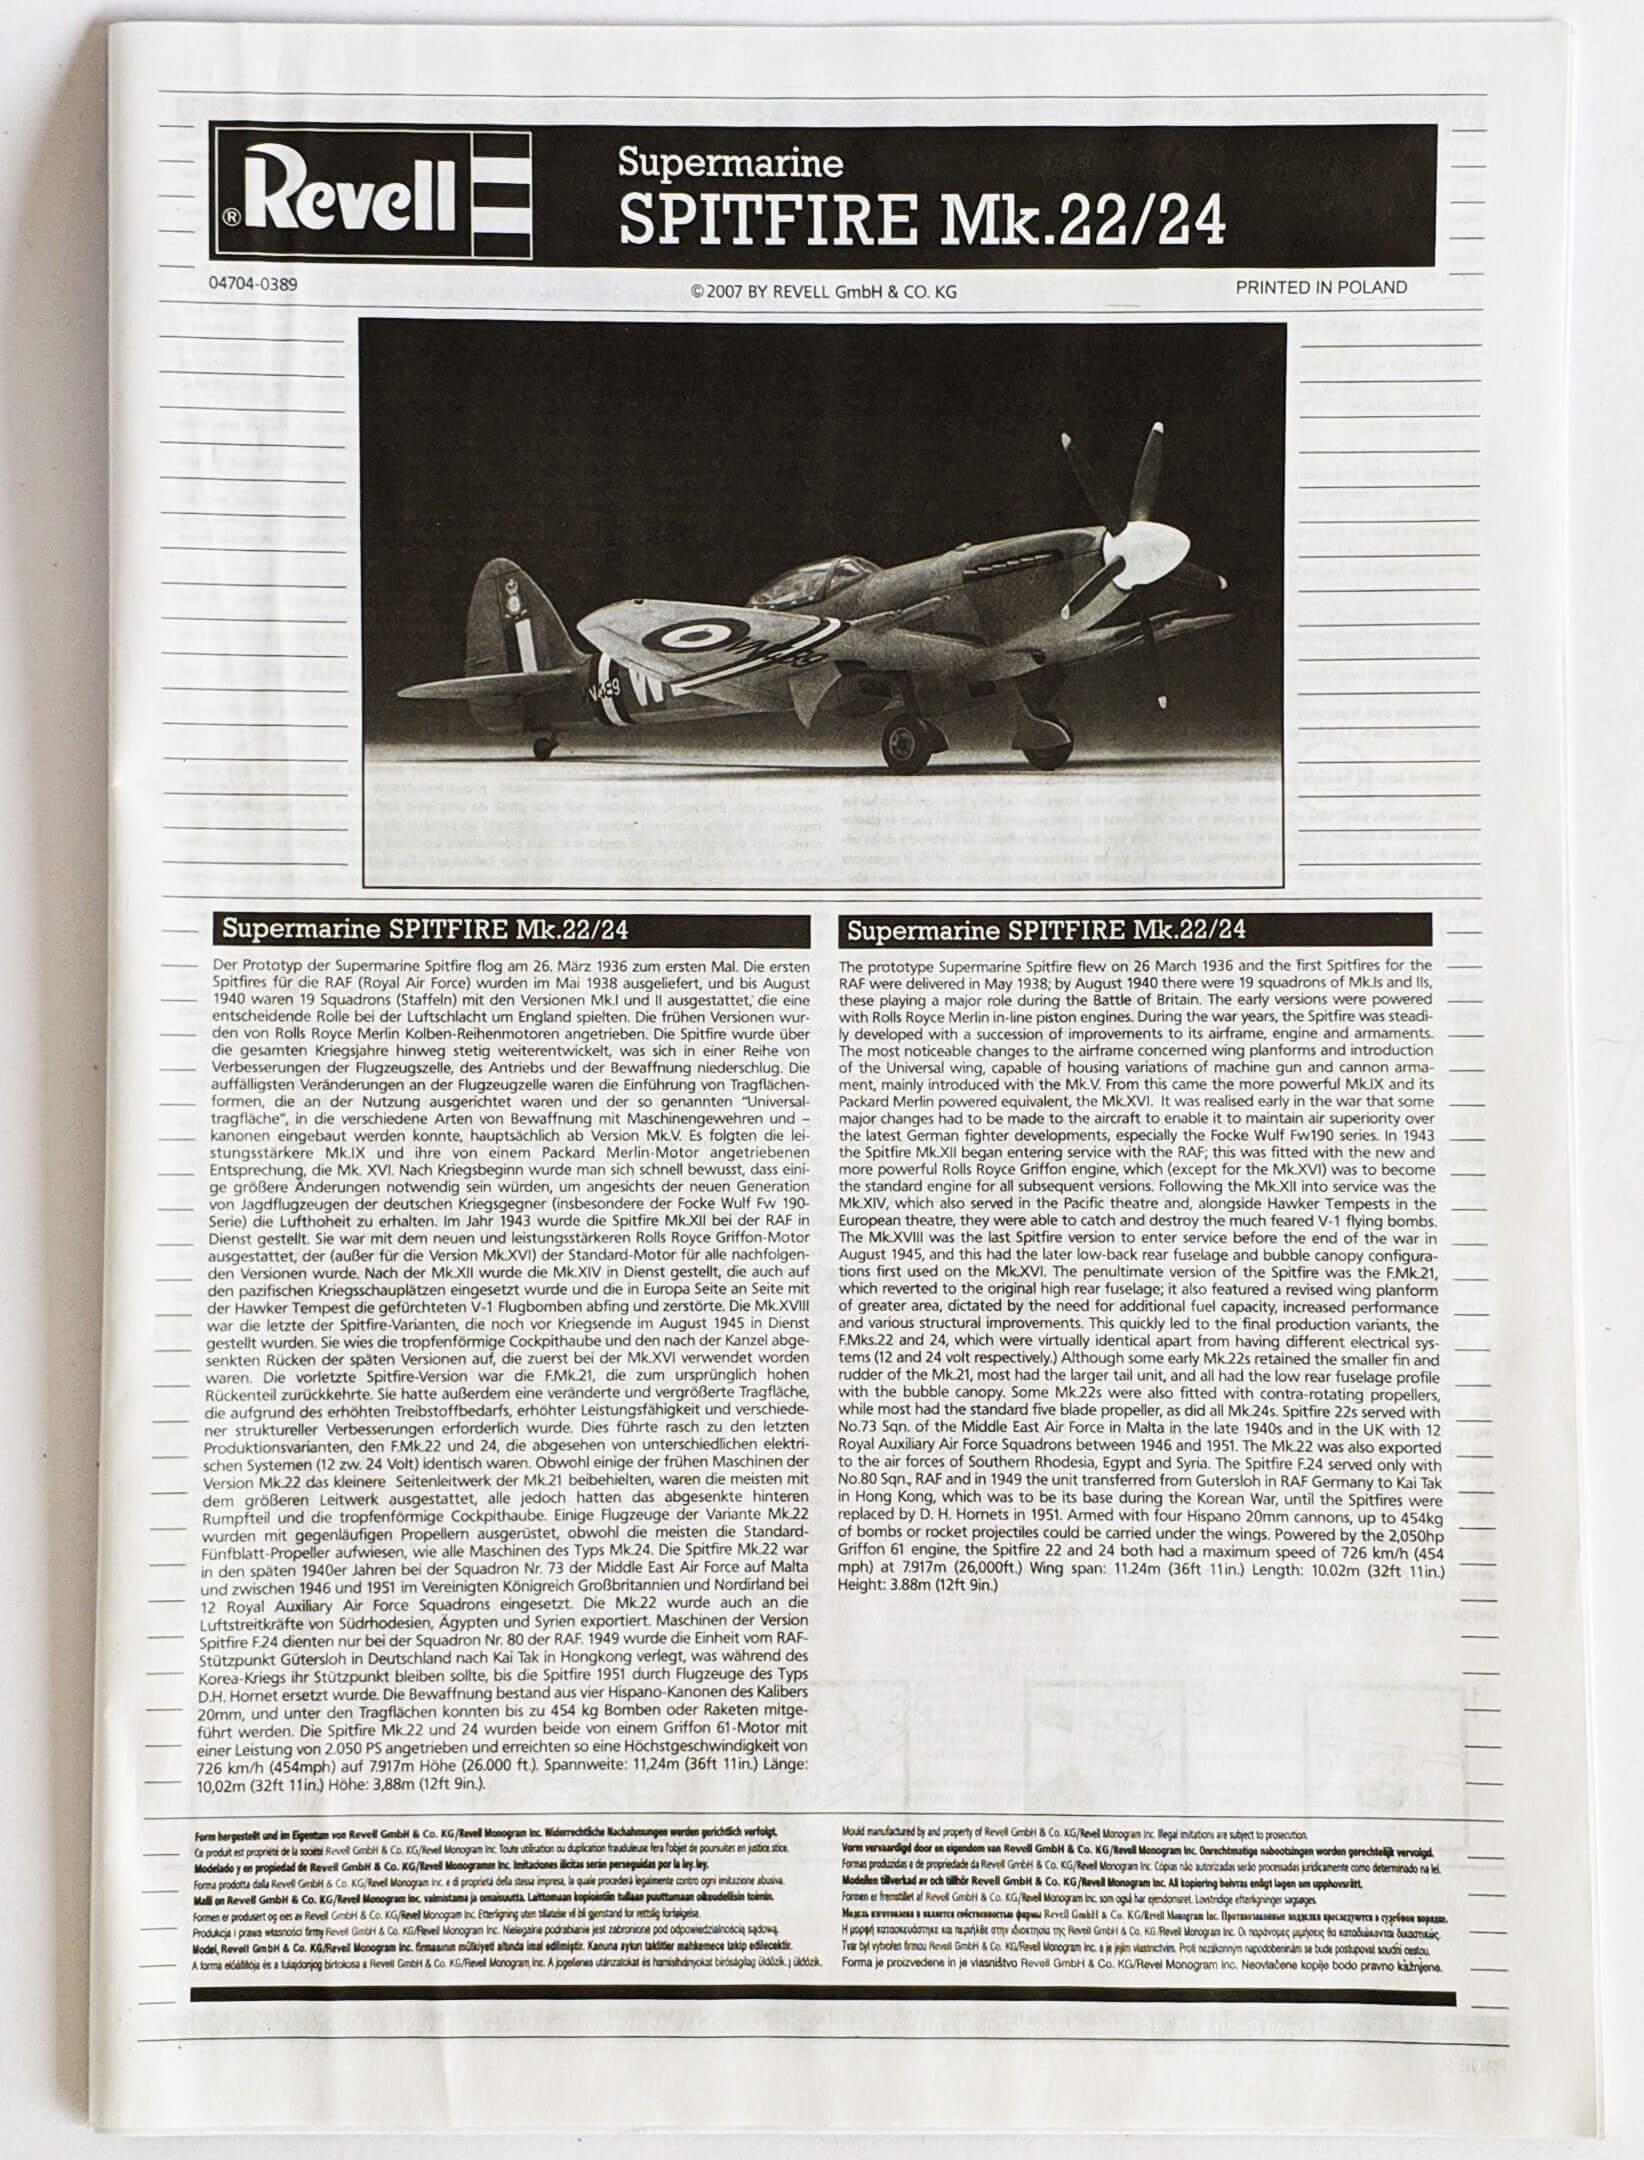 Supermarine SPITFIRE Mk.22/24 1/32 MODELLISMO